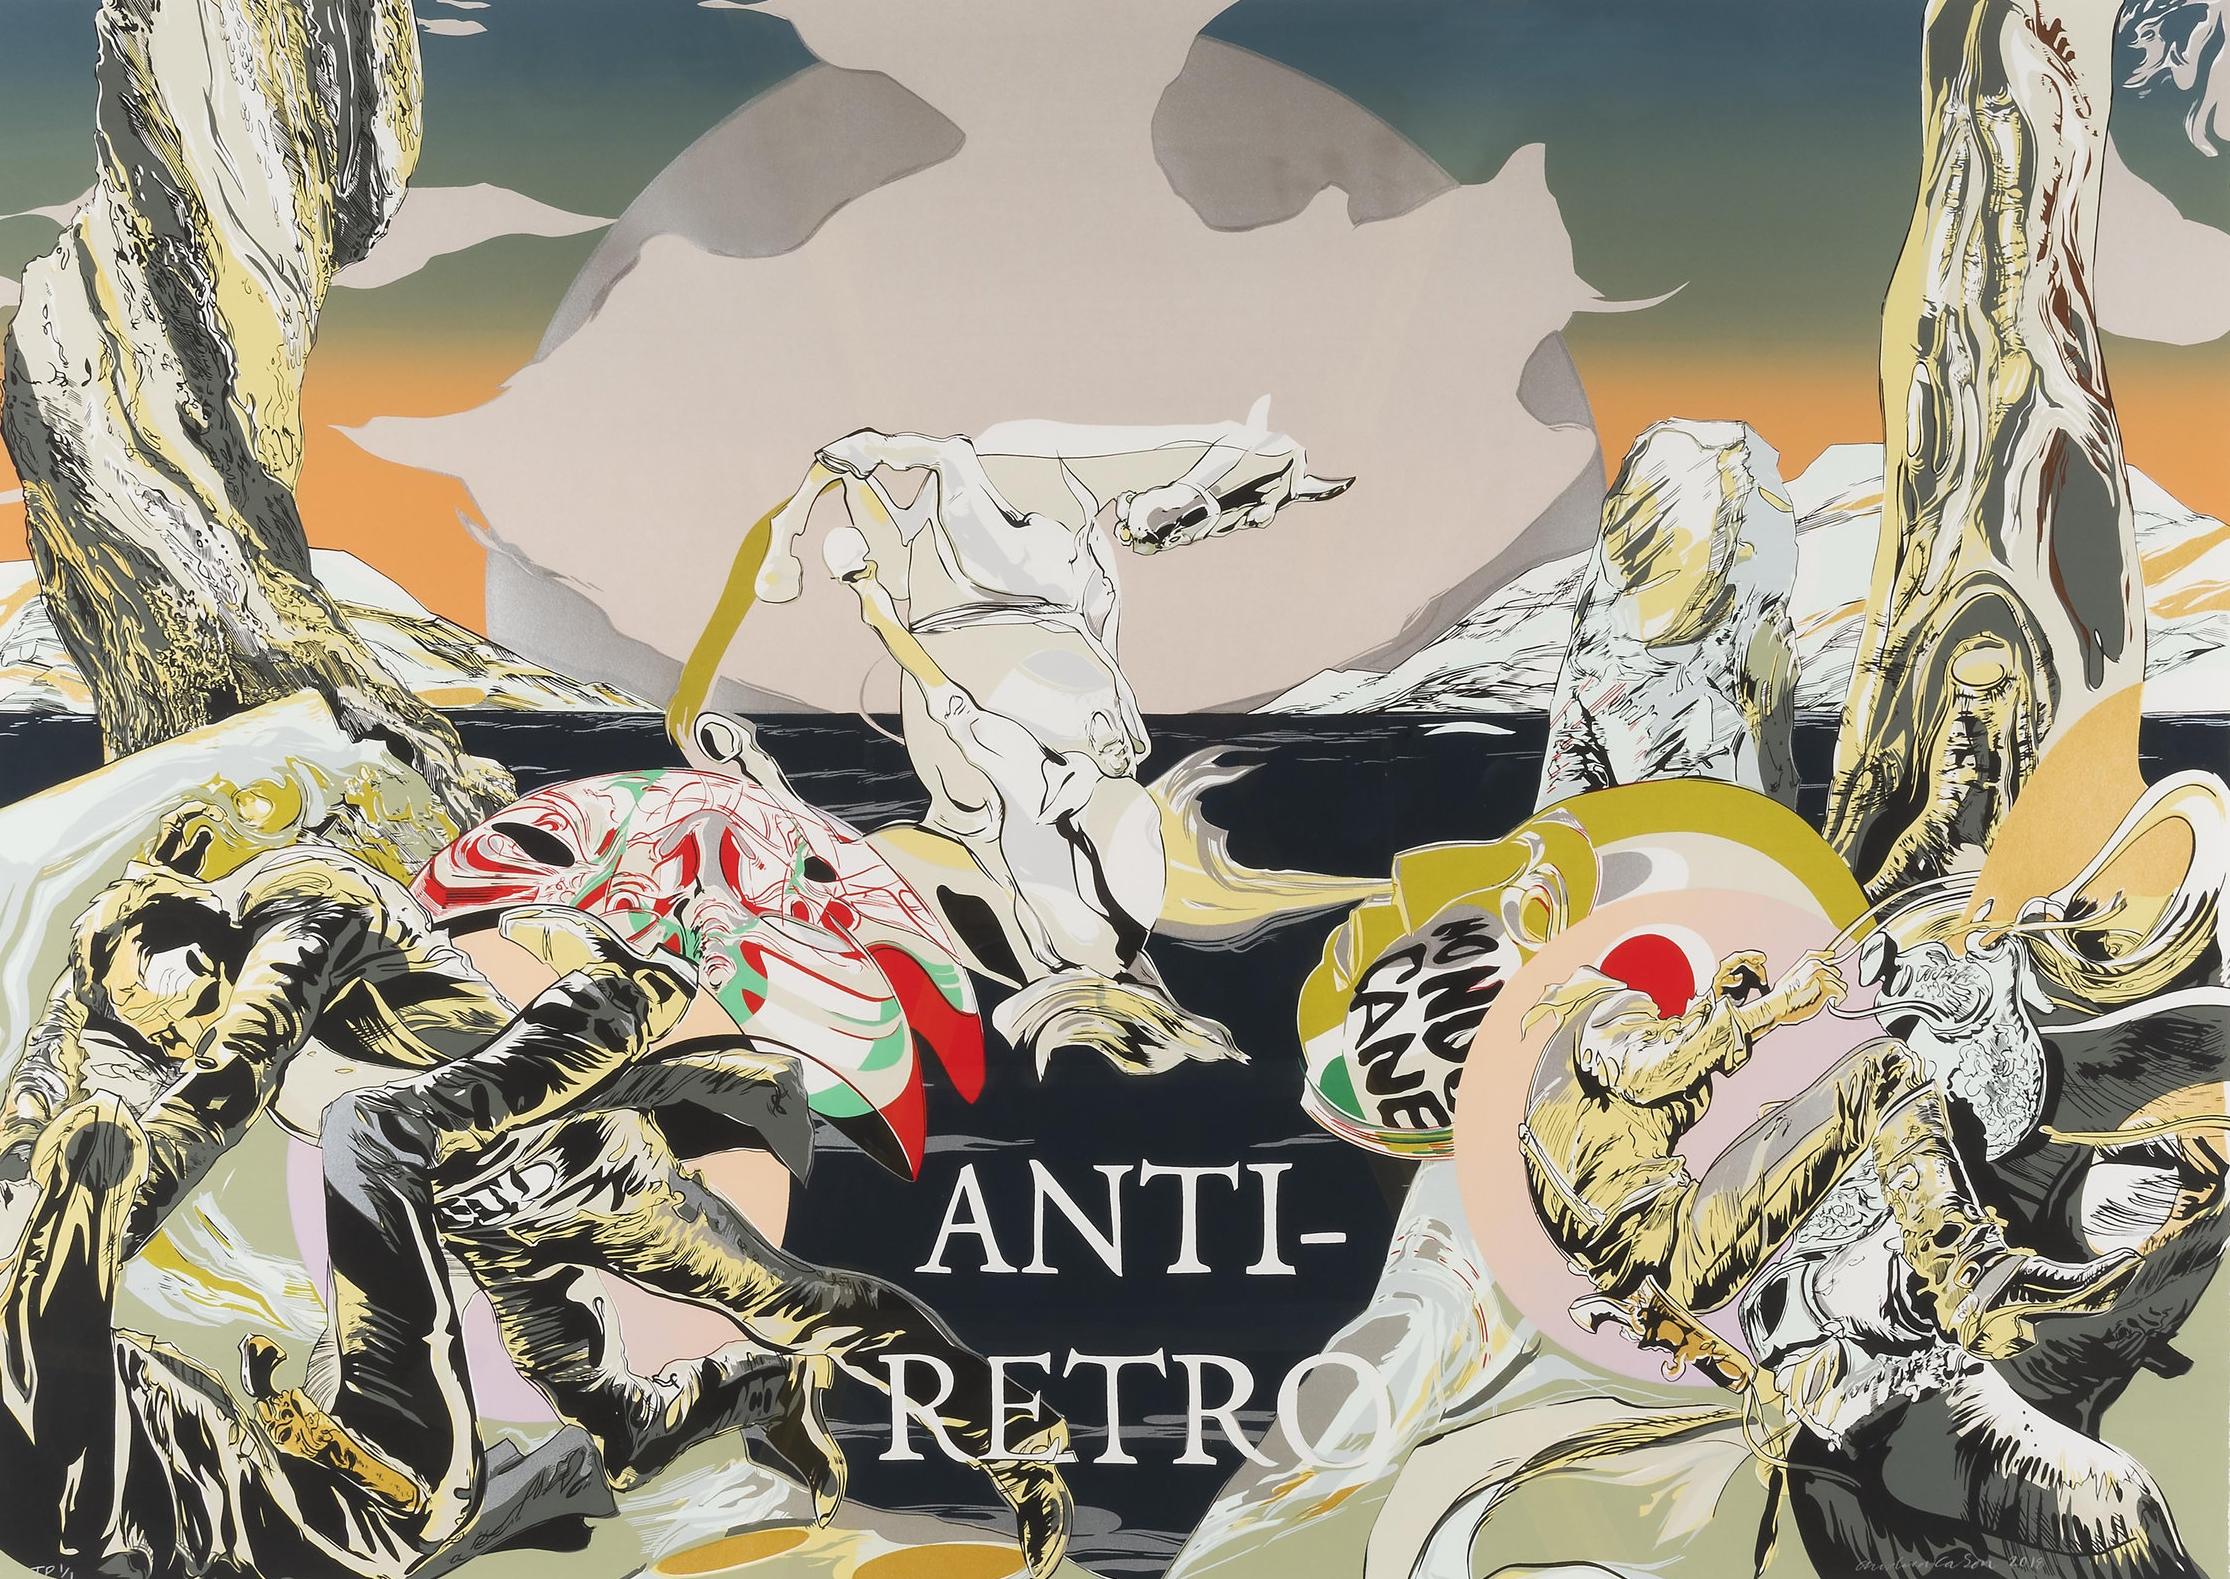 Andrea Carlson, Anti-Retro, Screenprint, Edition of 20, 33.5 x 47.75 inches, 2018